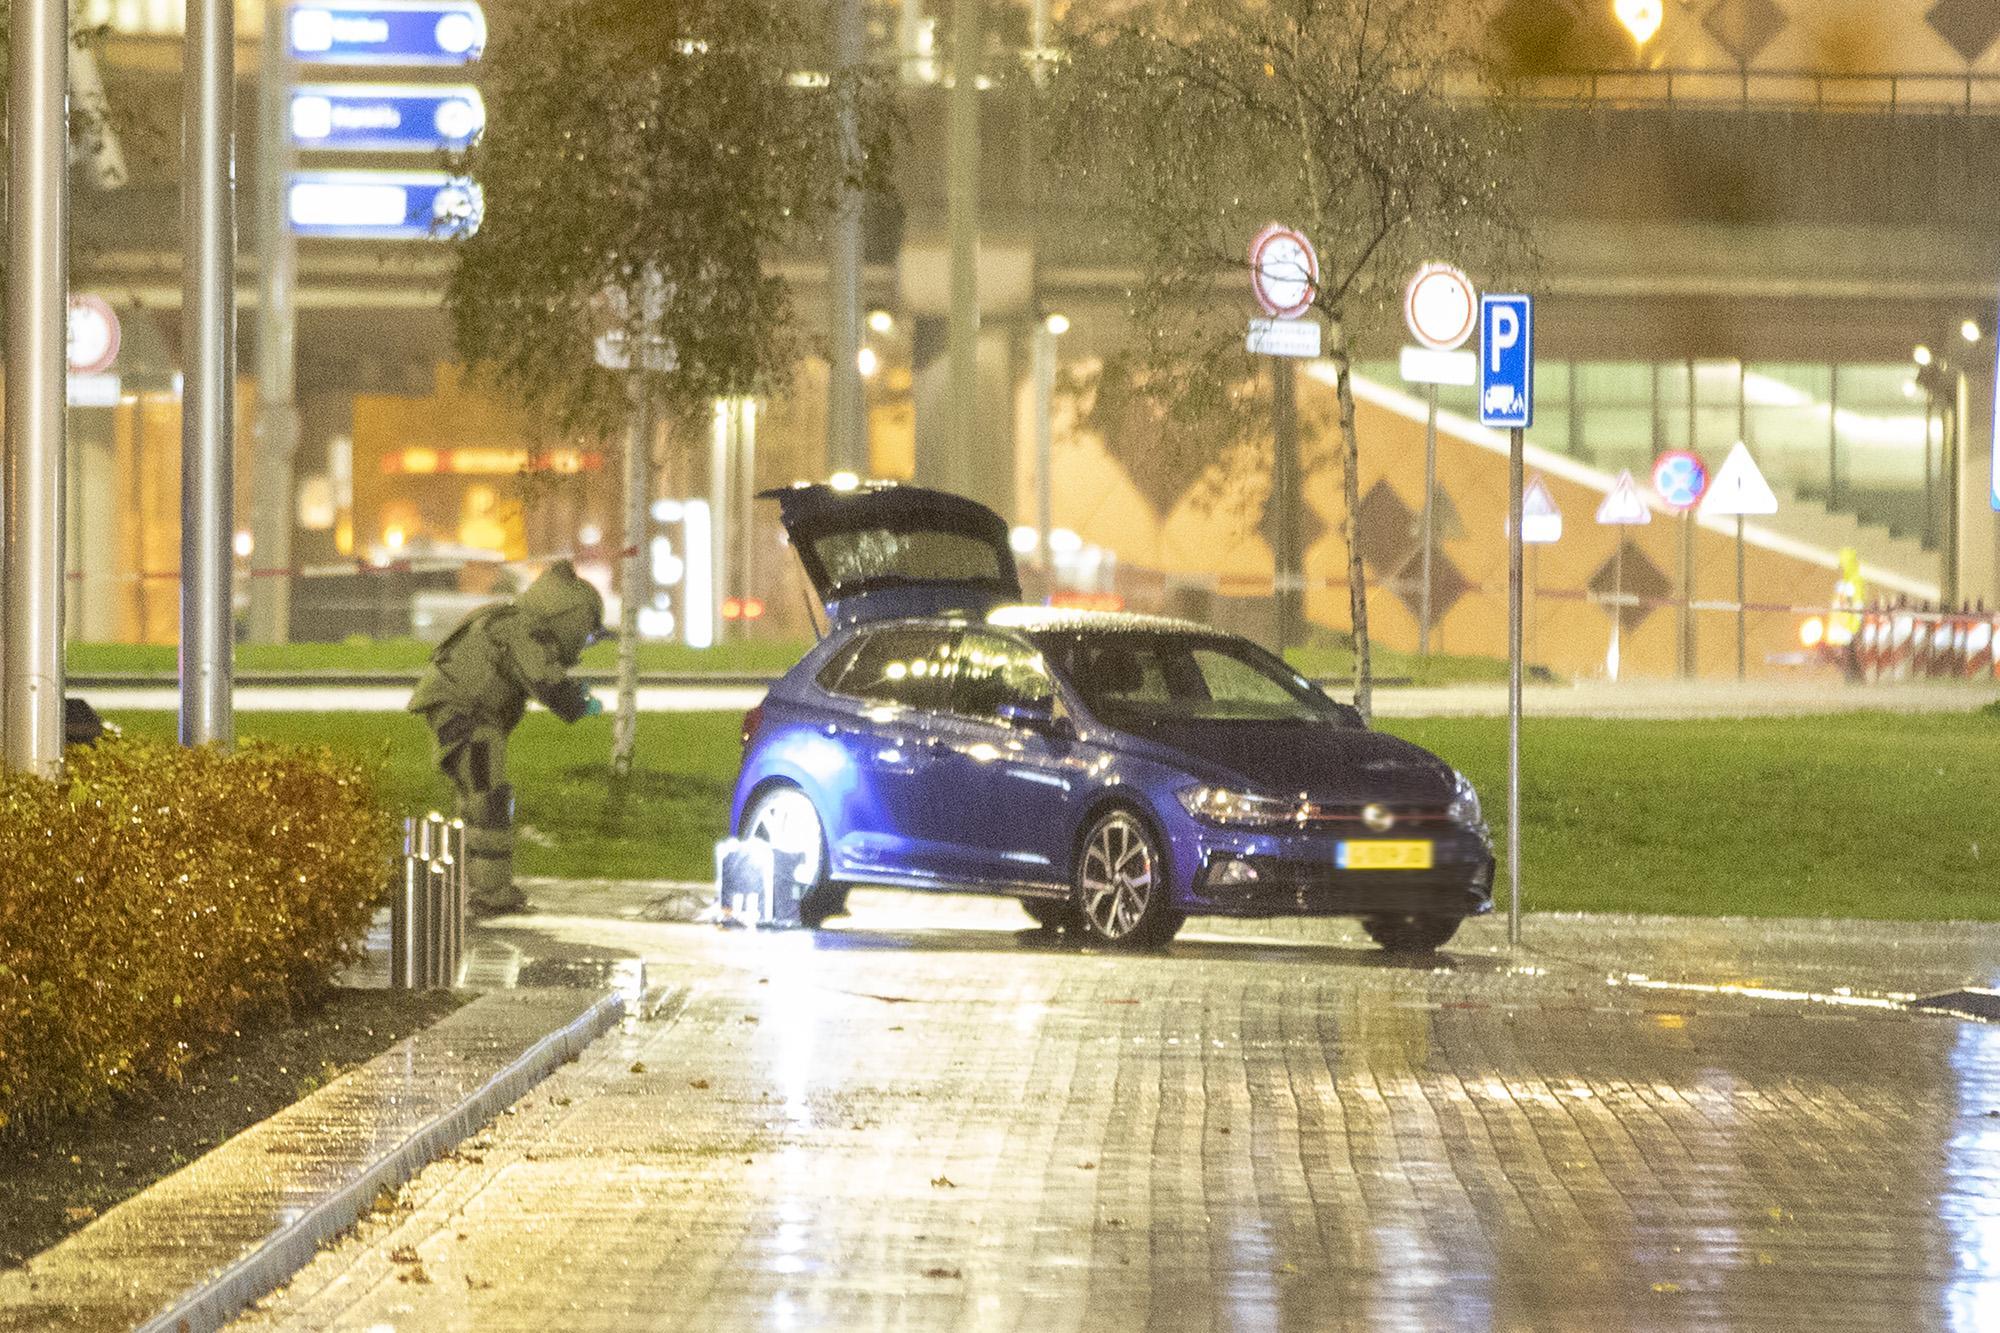 EOD vindt explosief materiaal in auto bij Schiphol, man en vrouw opgepakt